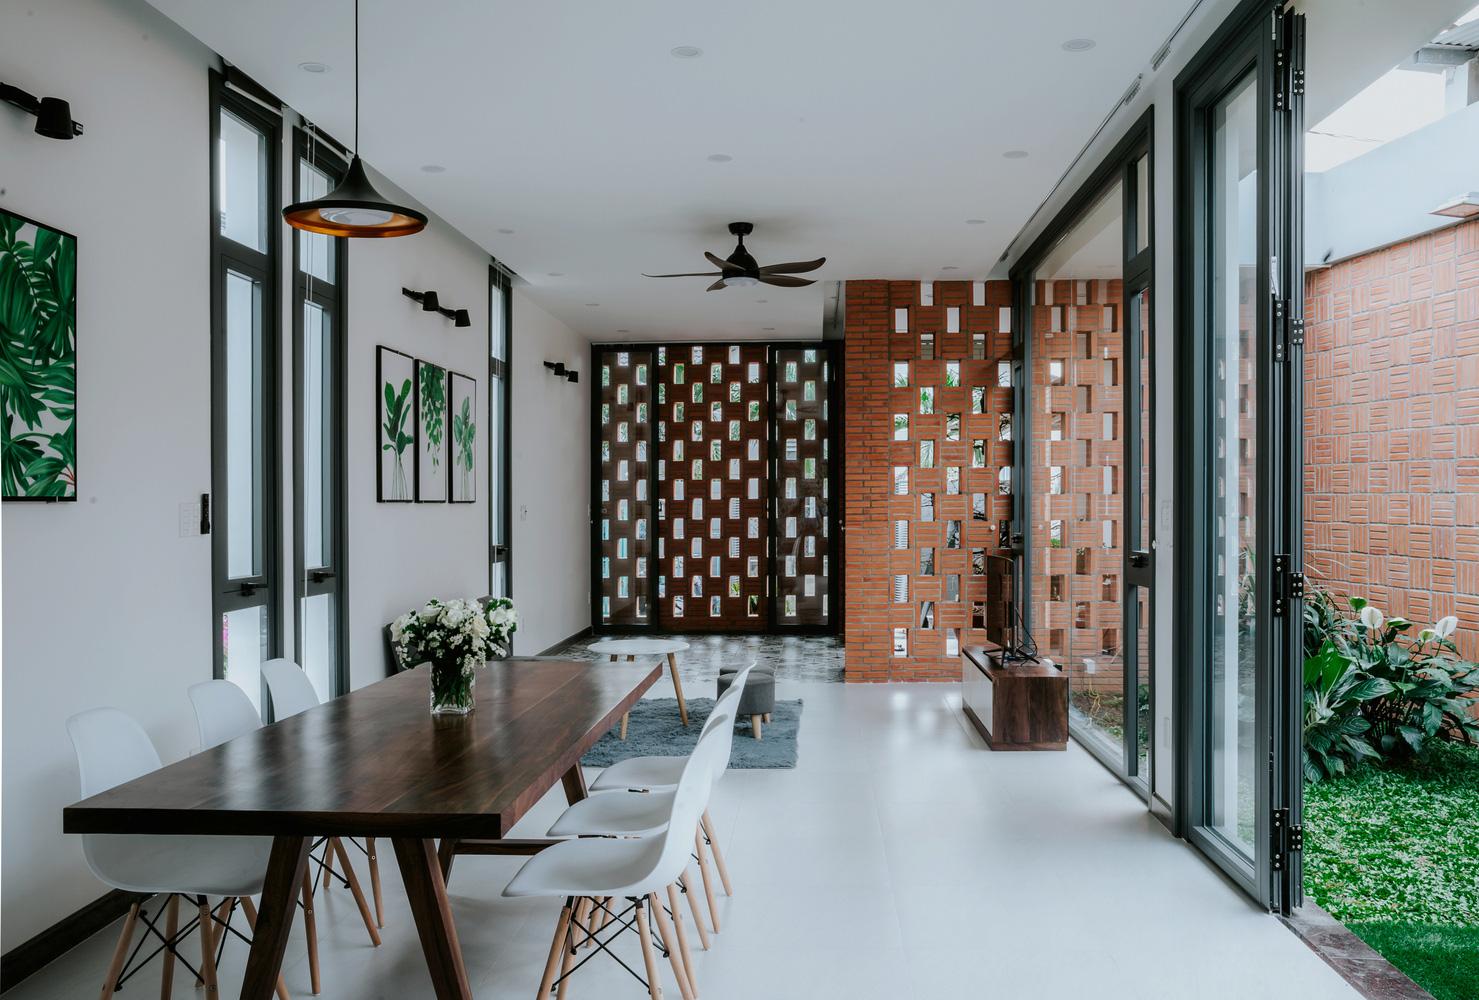 4 ngôi nhà độc đáo của Việt Nam được vinh danh Top 50 công trình đẹp nhất của năm trên tạp chí kiến trúc Mỹ - Ảnh 14.